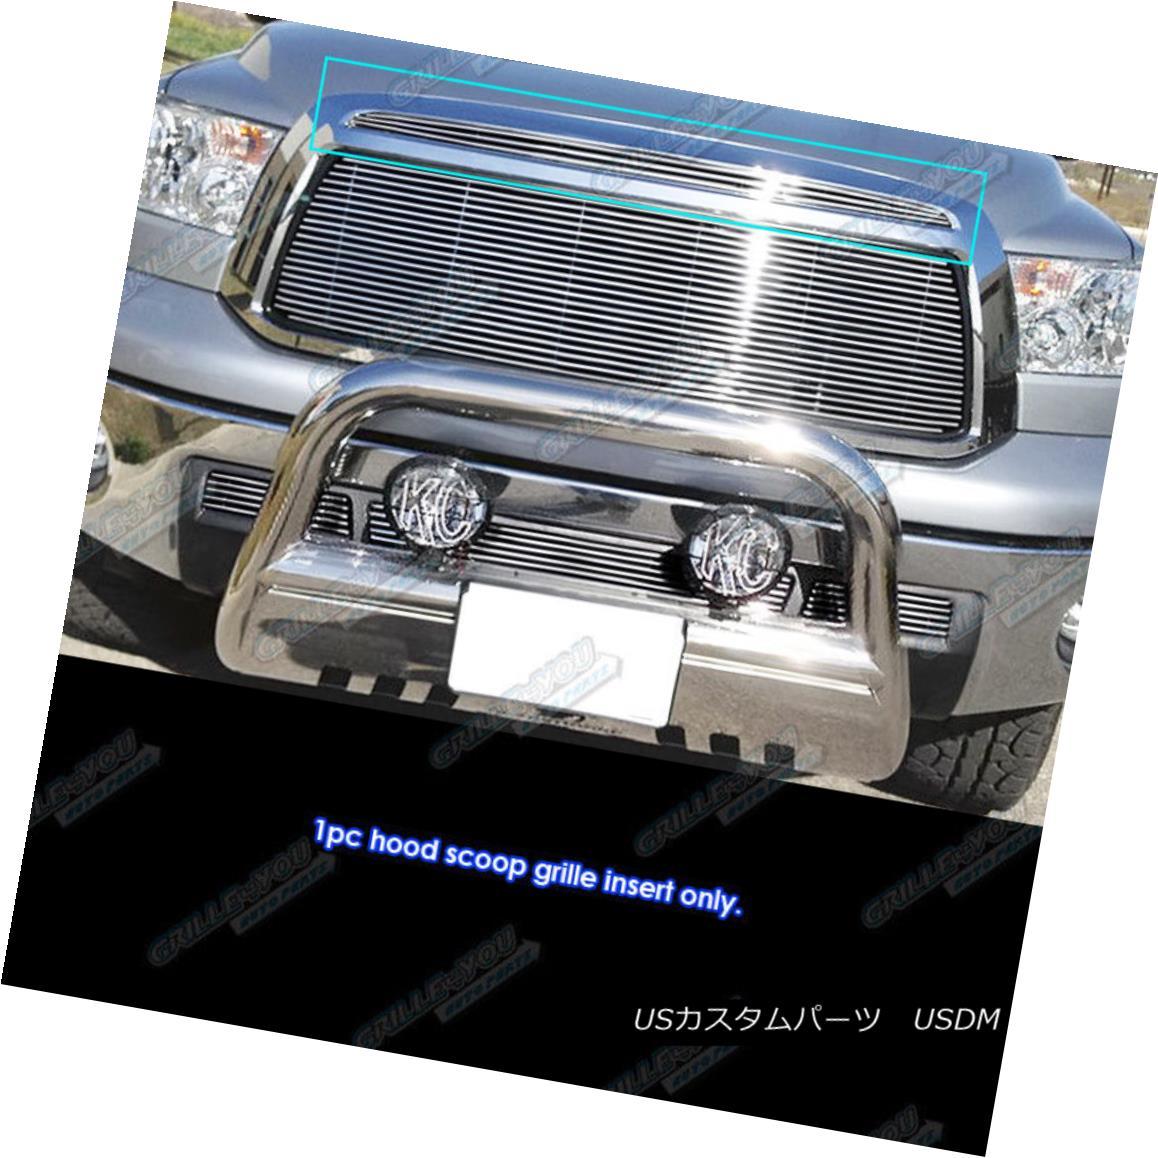 グリル Fits 2010-2013 Toyota Tundra Hood Scoop Billet Grille Grill Insert フィット2010-2013トヨタトンドラフードスクープビレットグリルグリルインサート